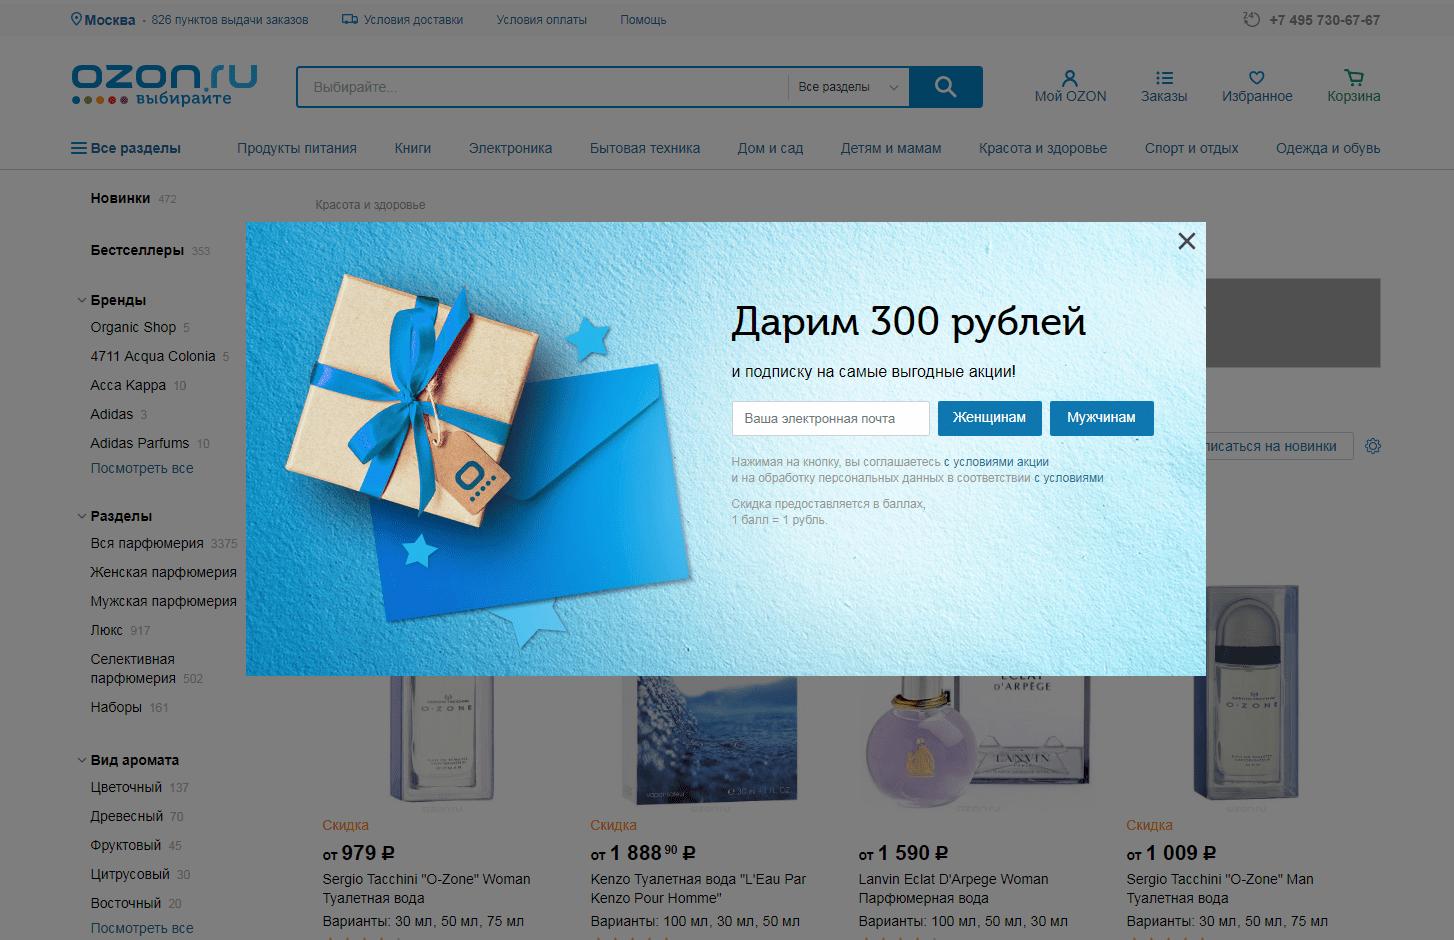 Поп-ап с предложением подарка от OZON